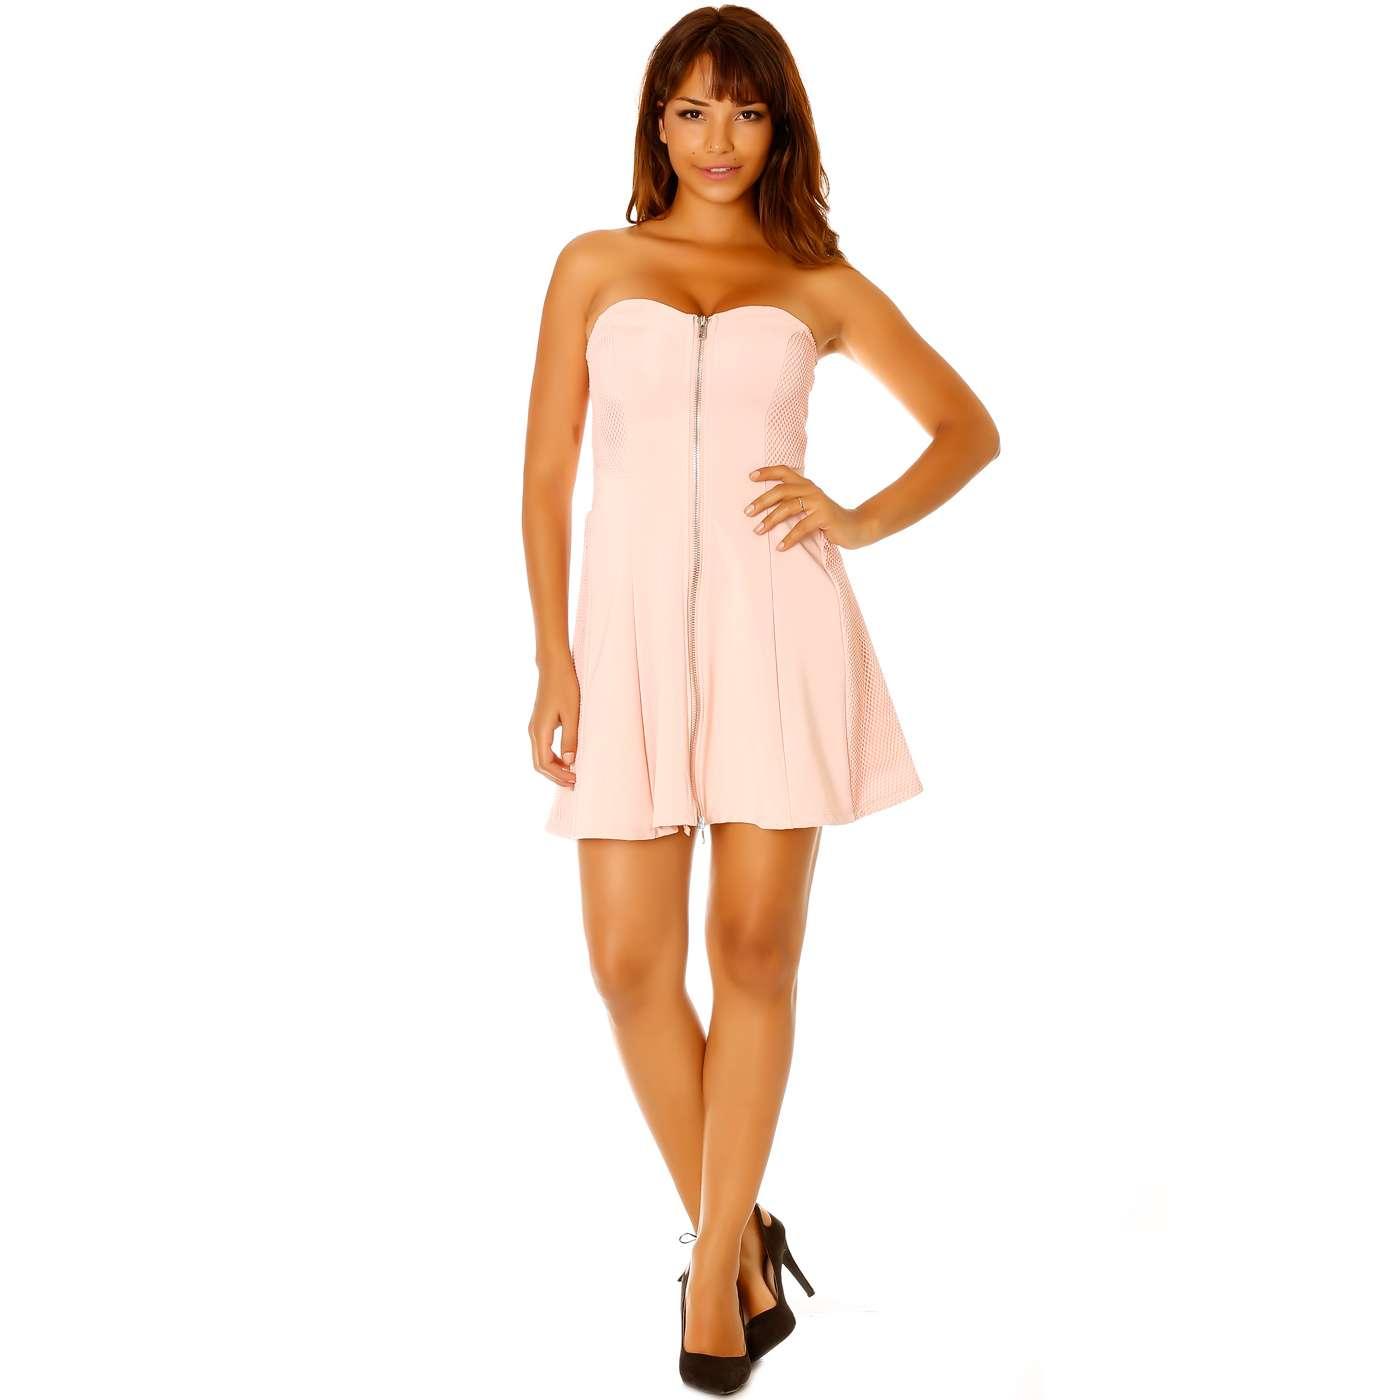 28293f3208c Produit Neuf - Miss Wear Line - Robe bustier rose